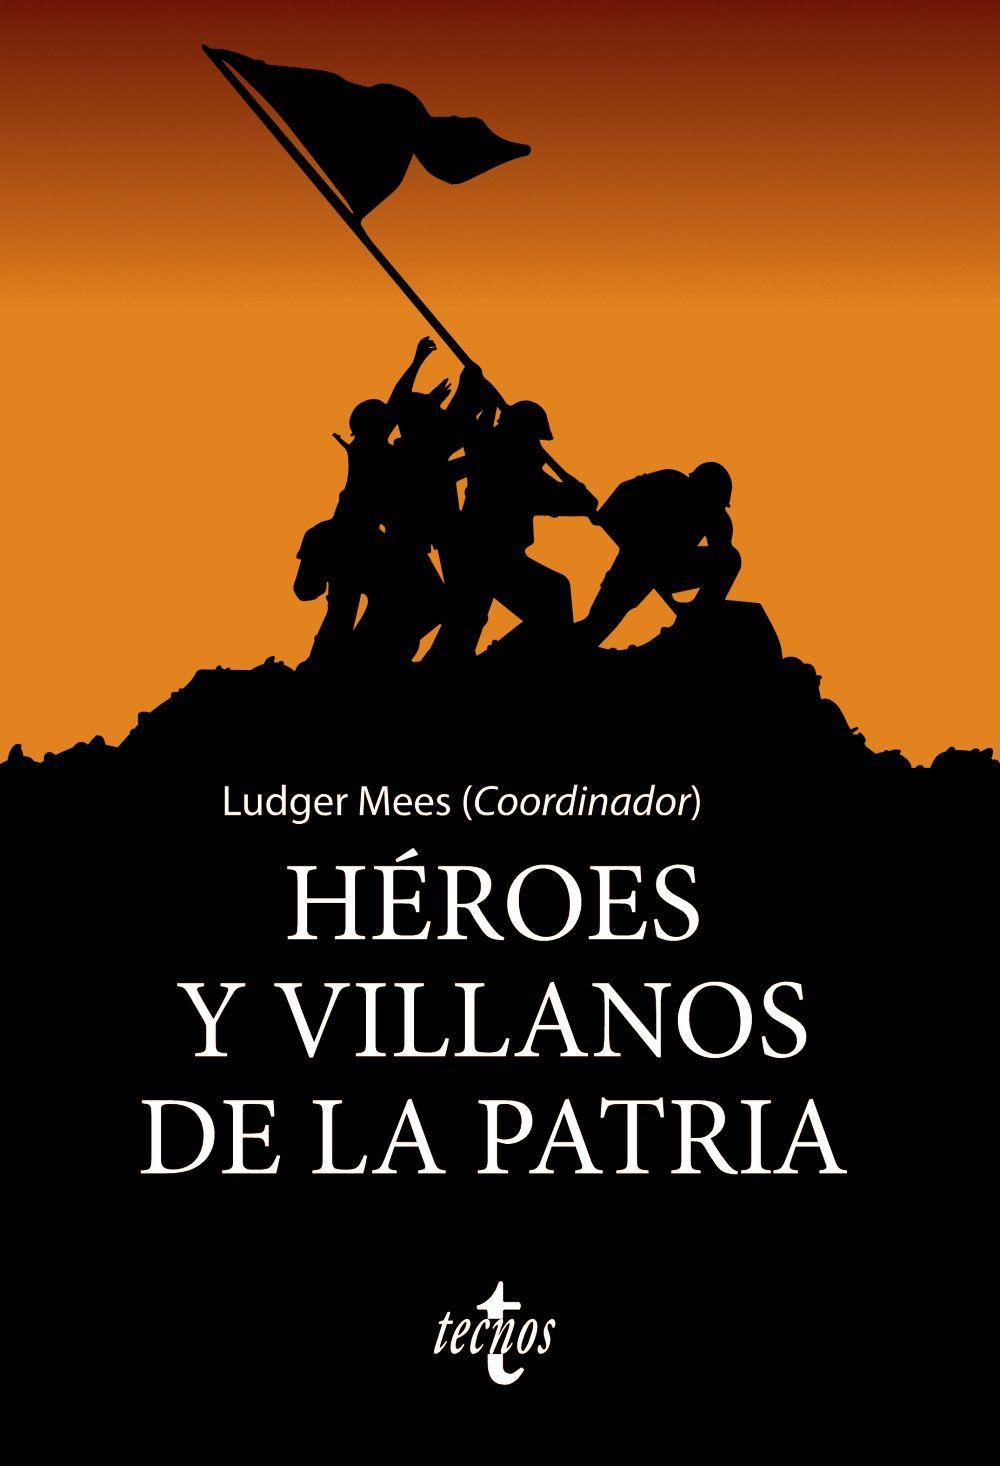 HEROES Y VILLANOS DE LA